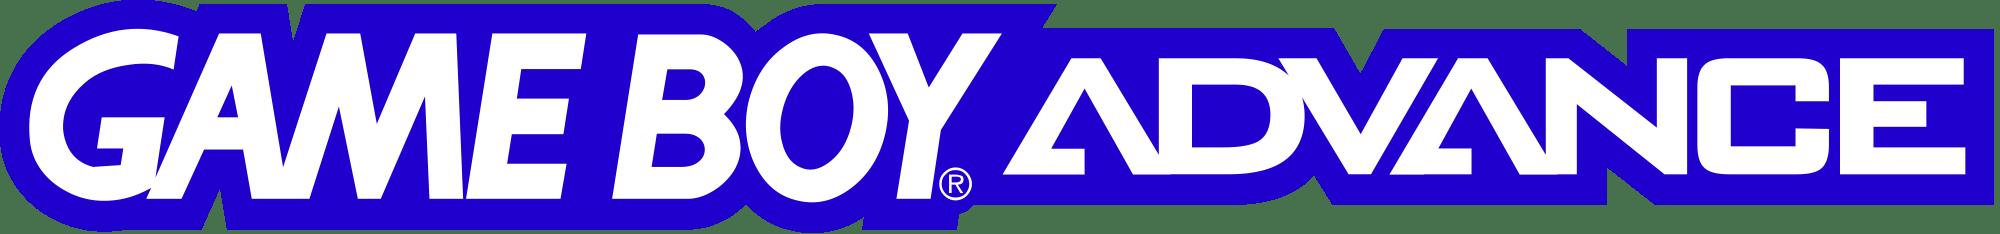 Game_Boy_Advance_Logo